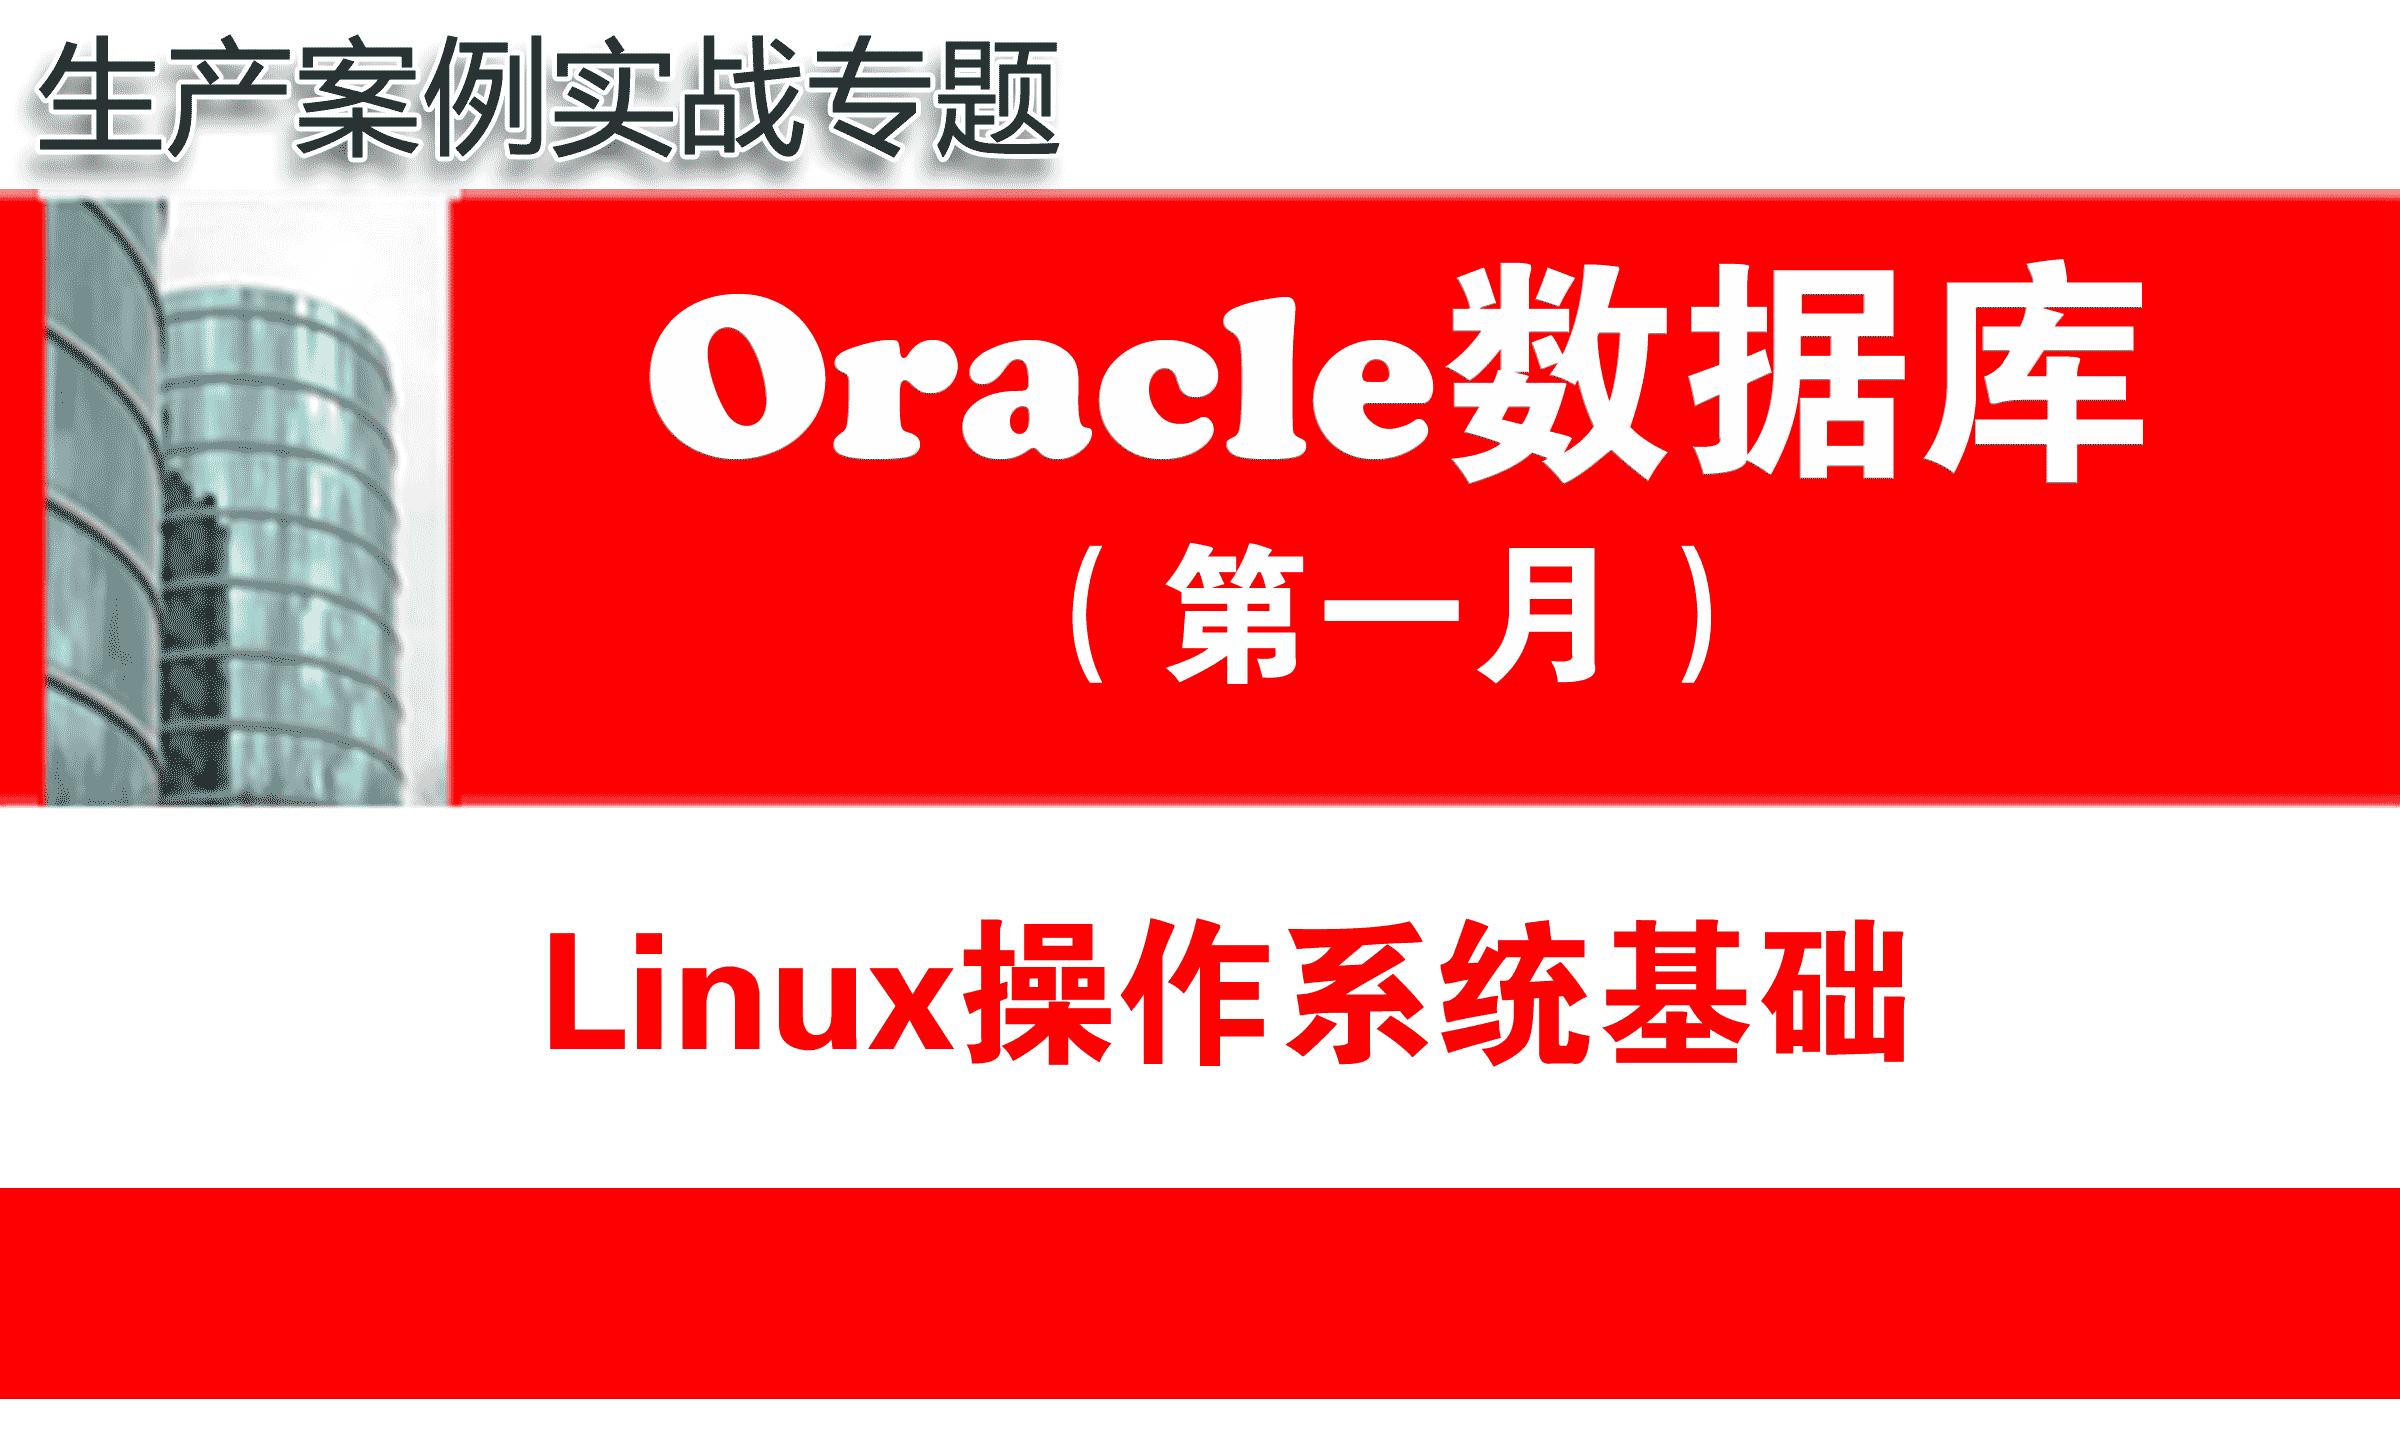 Oracle数据库教程(第1月):Linux操作系统入门专题